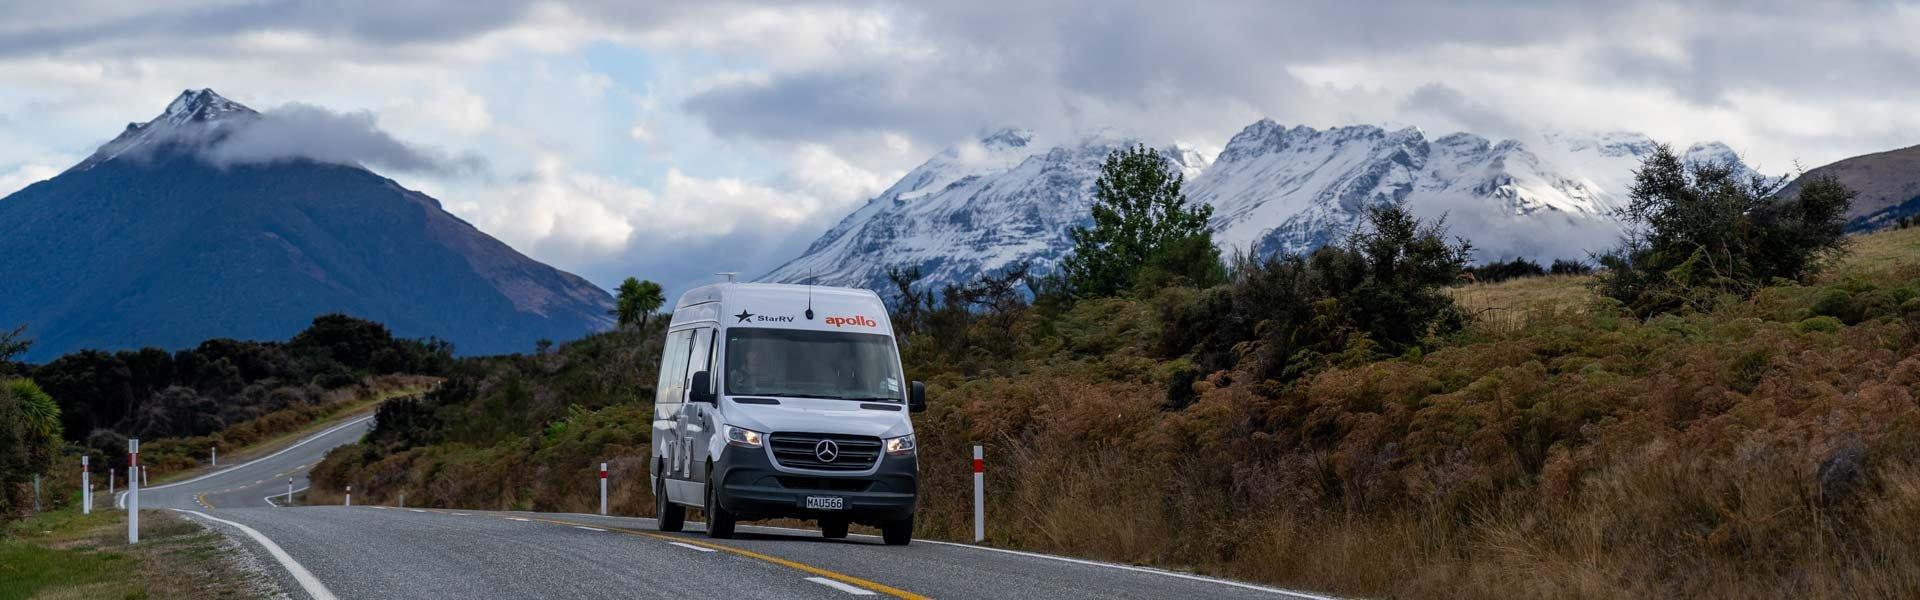 Op camperreis door NIeuw Zeeland in een camper van Star RV